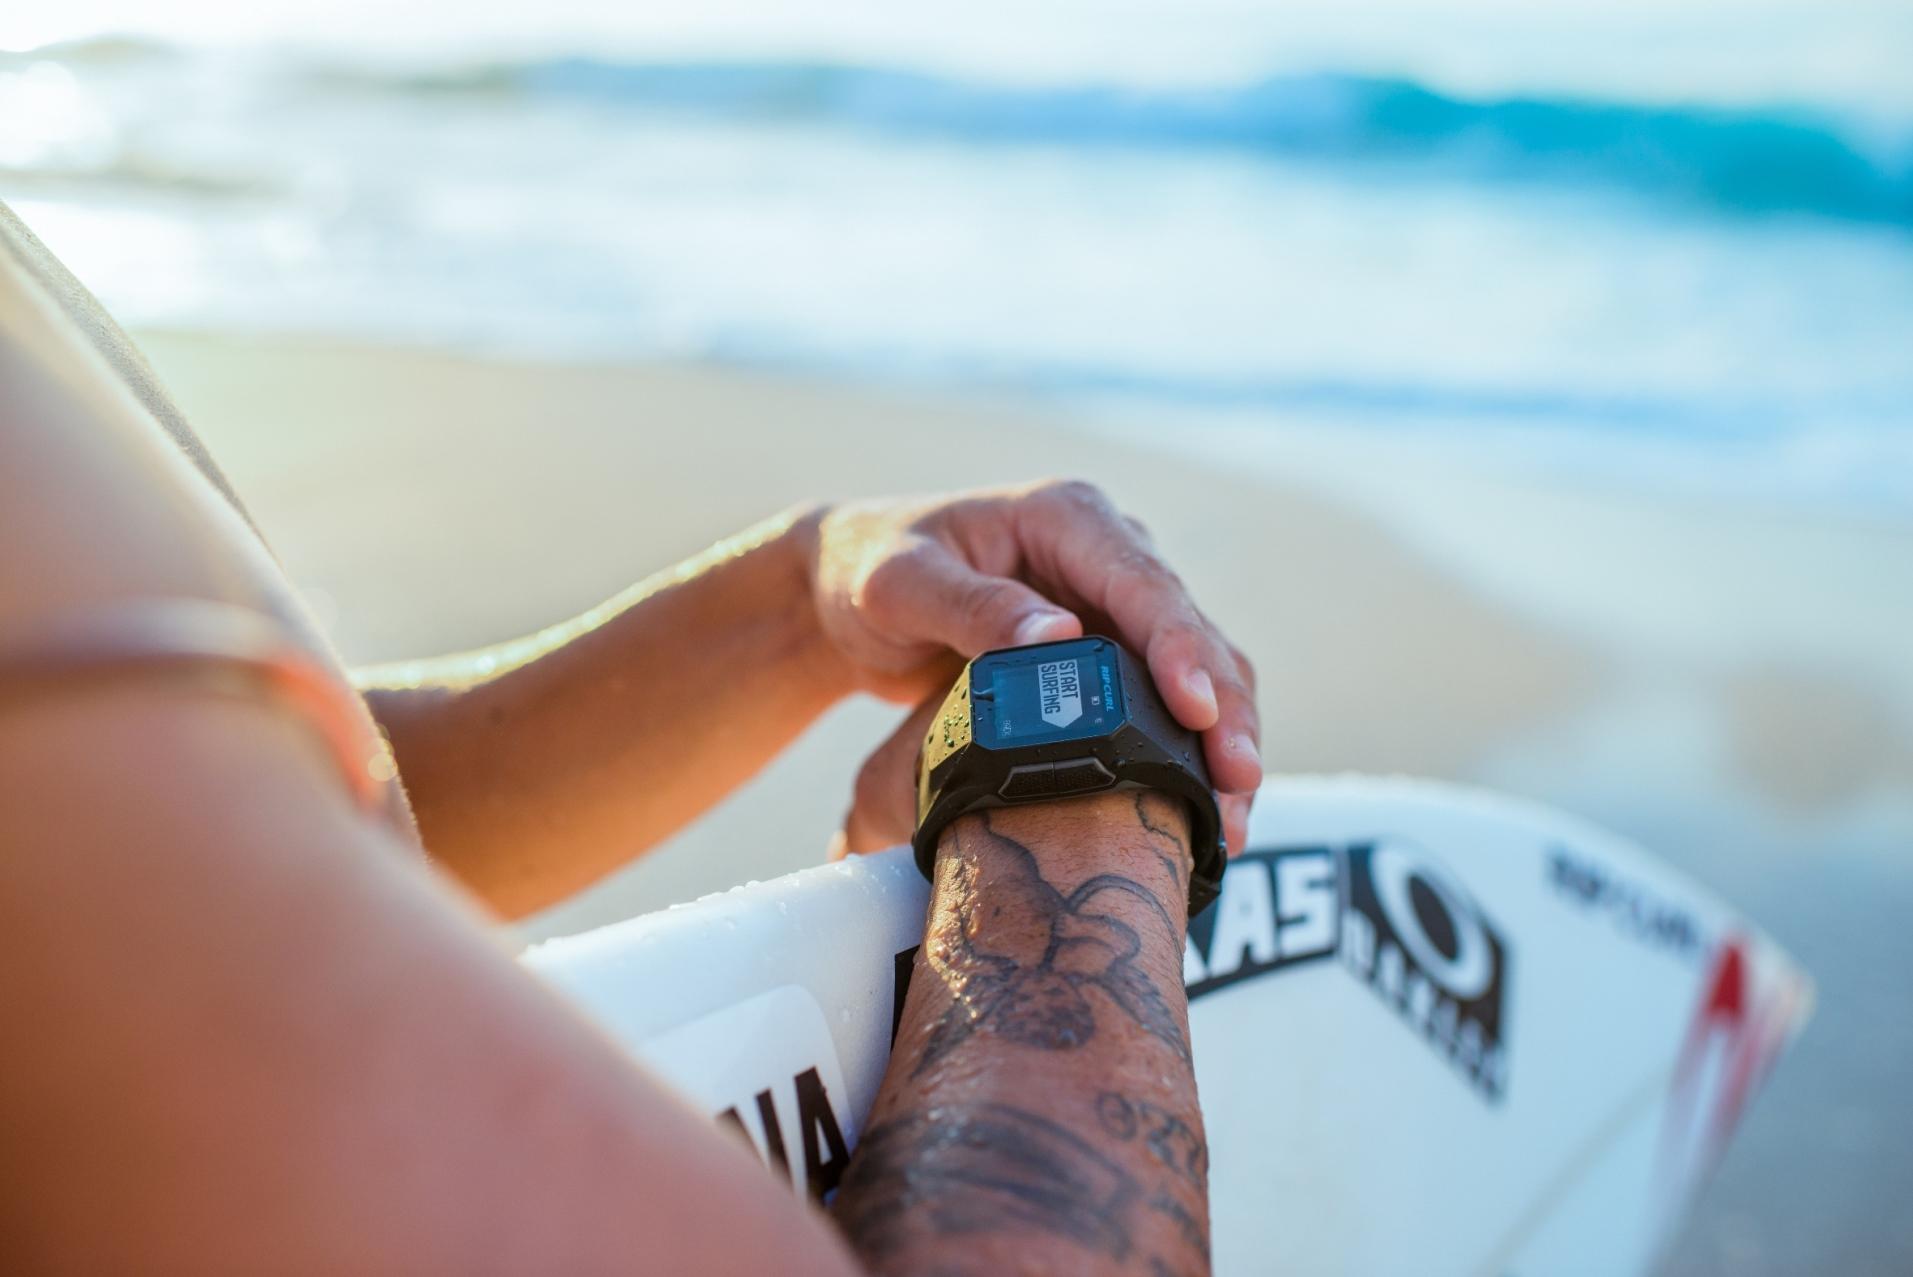 f3cc6f50b47 Relógio GPS Rip Curl! Registre o seu surf. - Blog Surf Alive